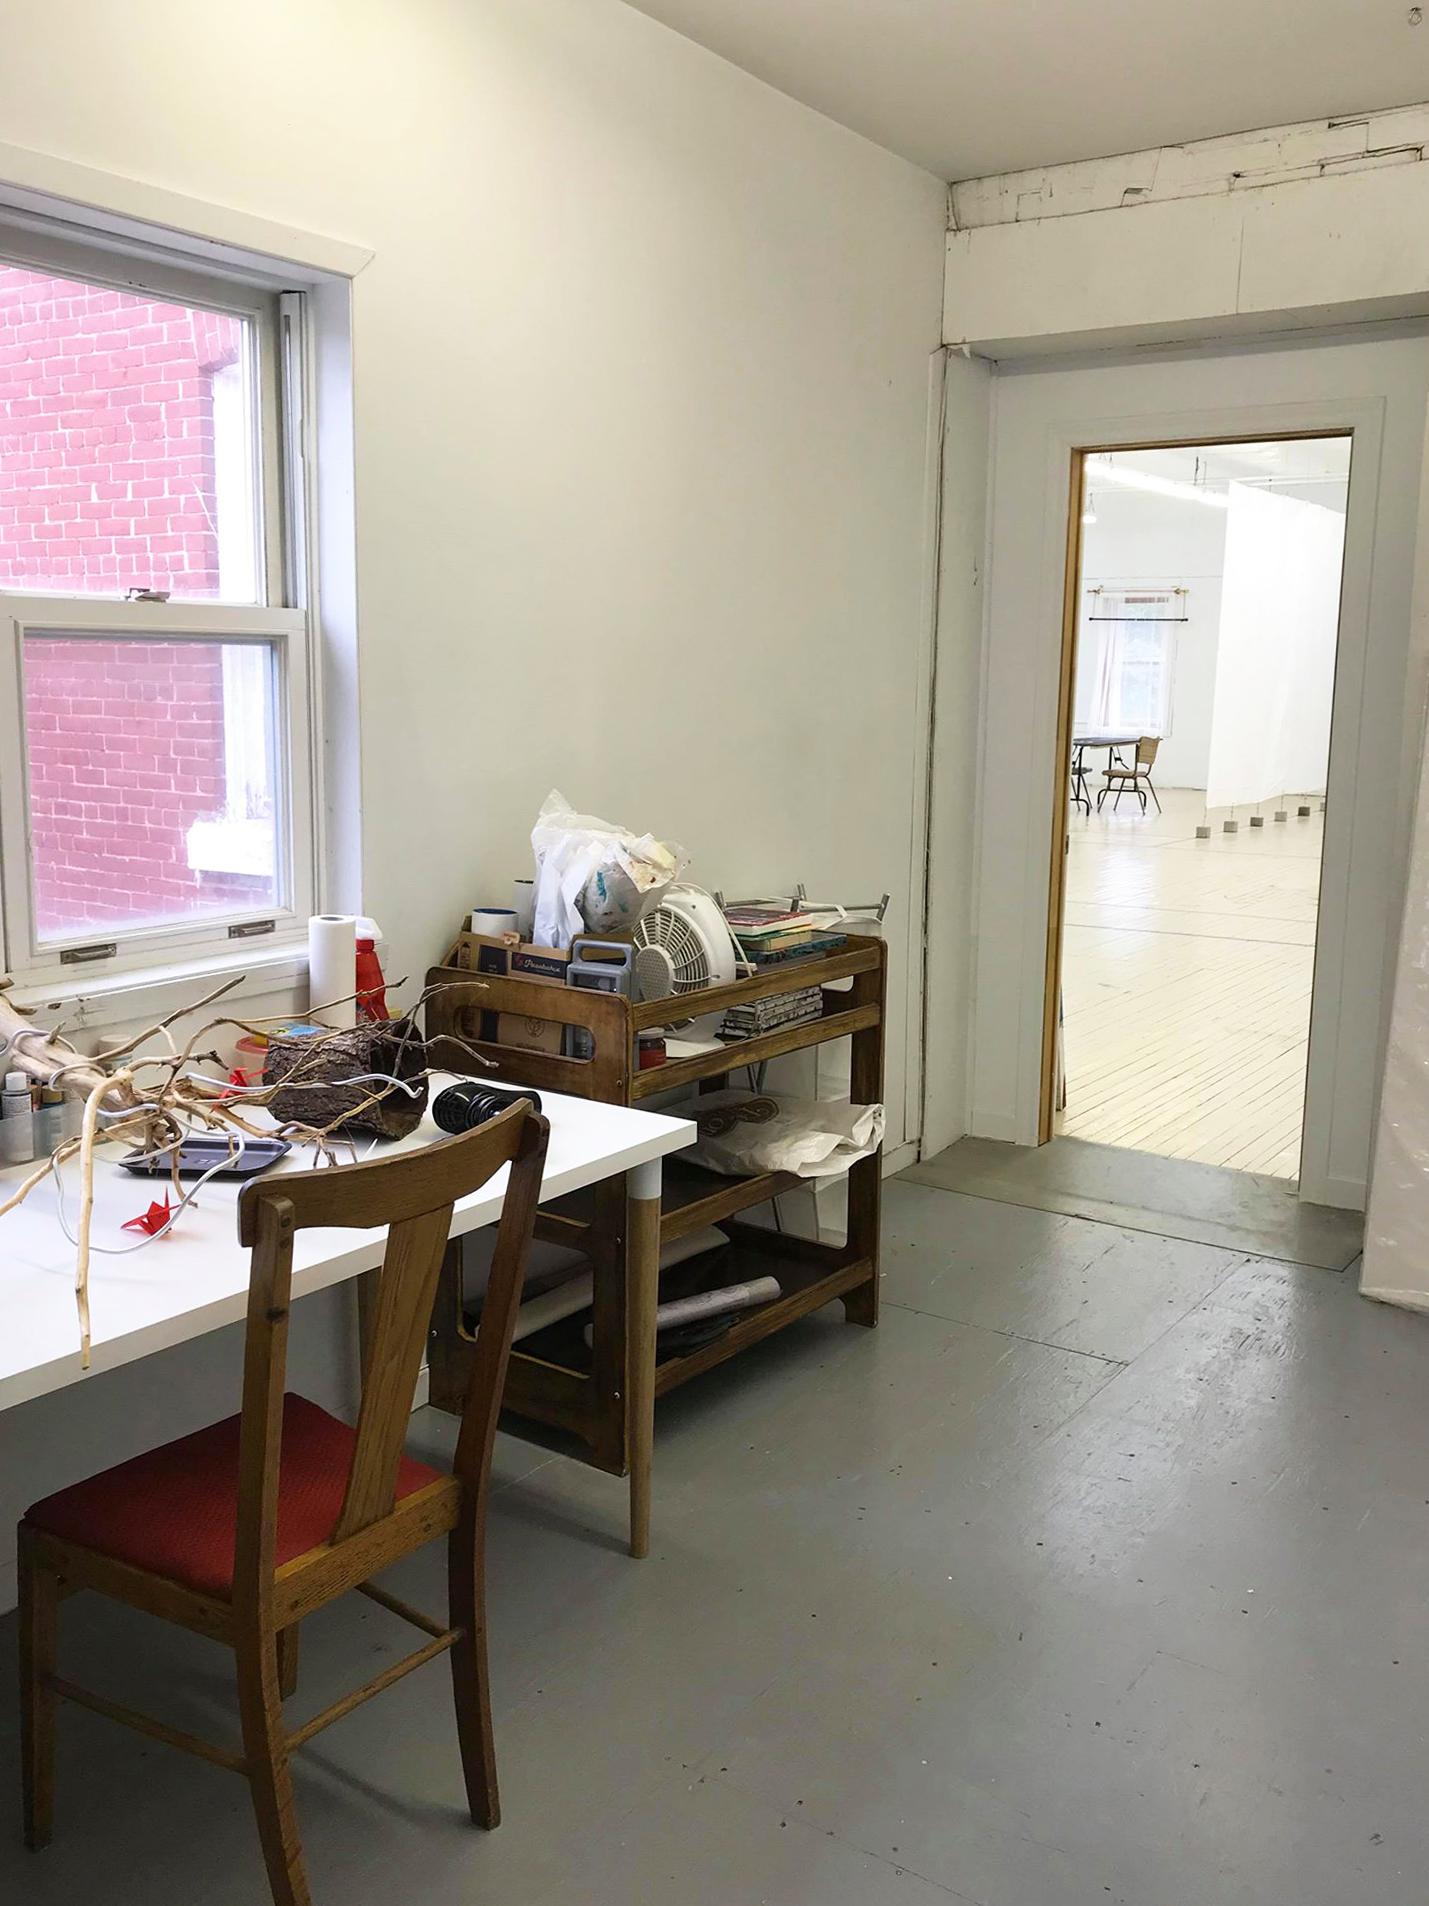 Atelier St-Joseph - Ateliers d'artistes à louer à Brompton, Sherbrooke